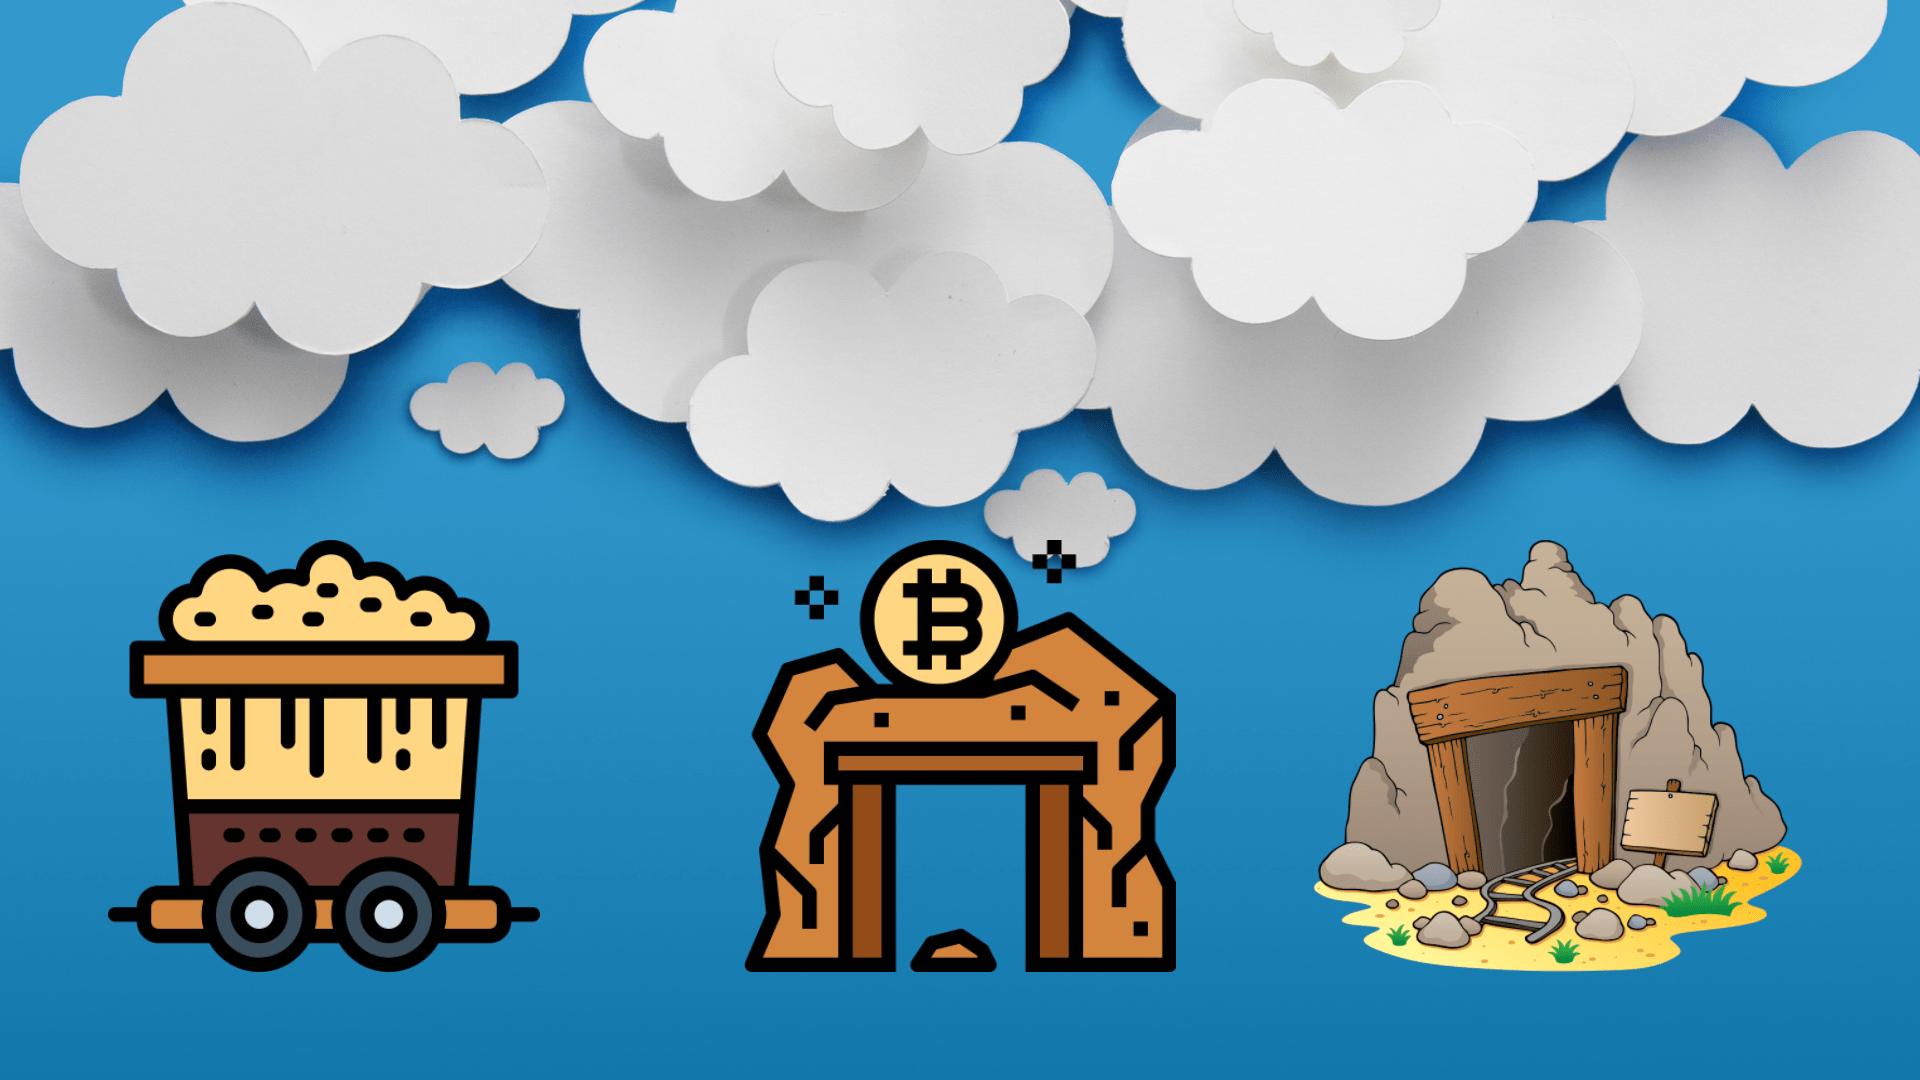 Kripto Para Madenciliginin Amaci Nedir